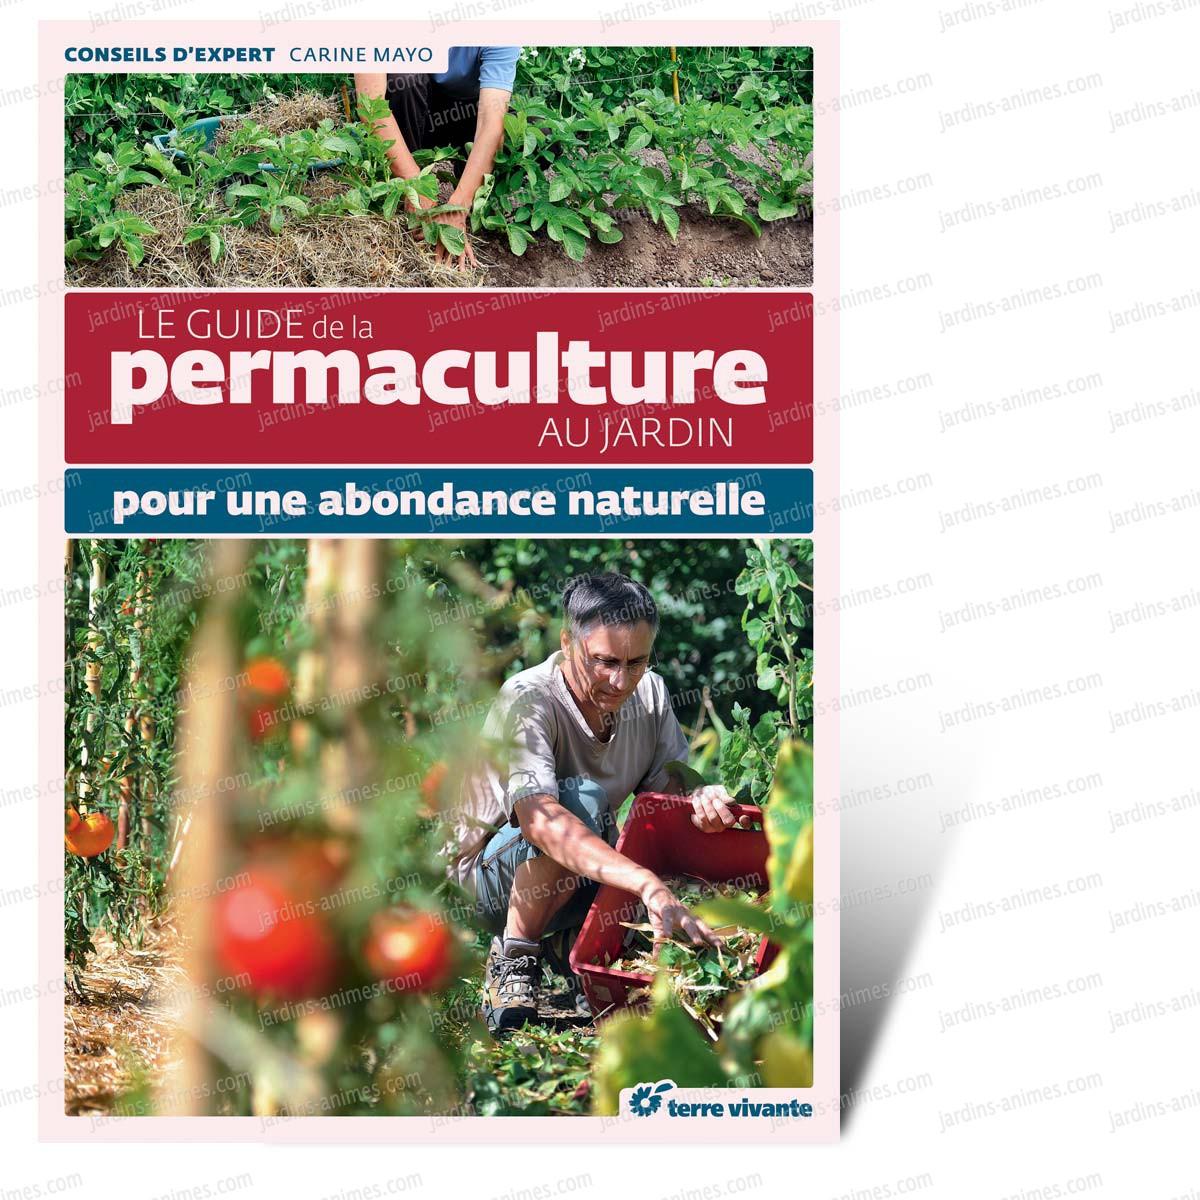 Le guide de la permaculture au jardin livre terre vivante livres jardin bio for Livre sur la permaculture